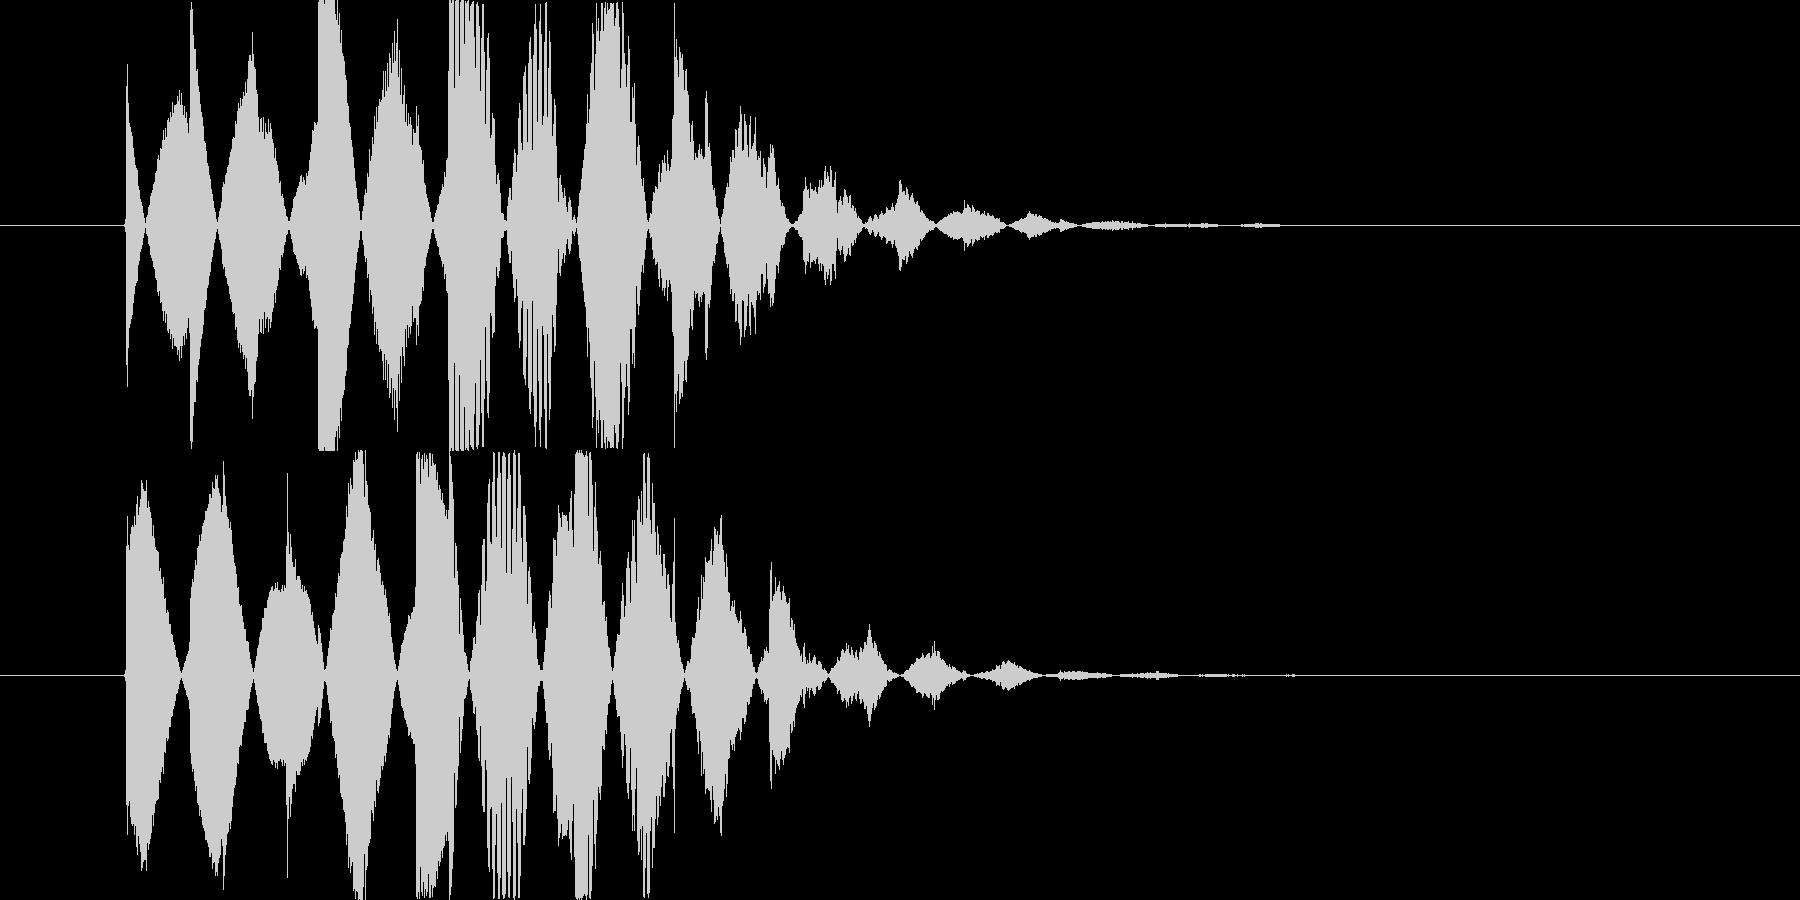 優しいベルの音 の未再生の波形